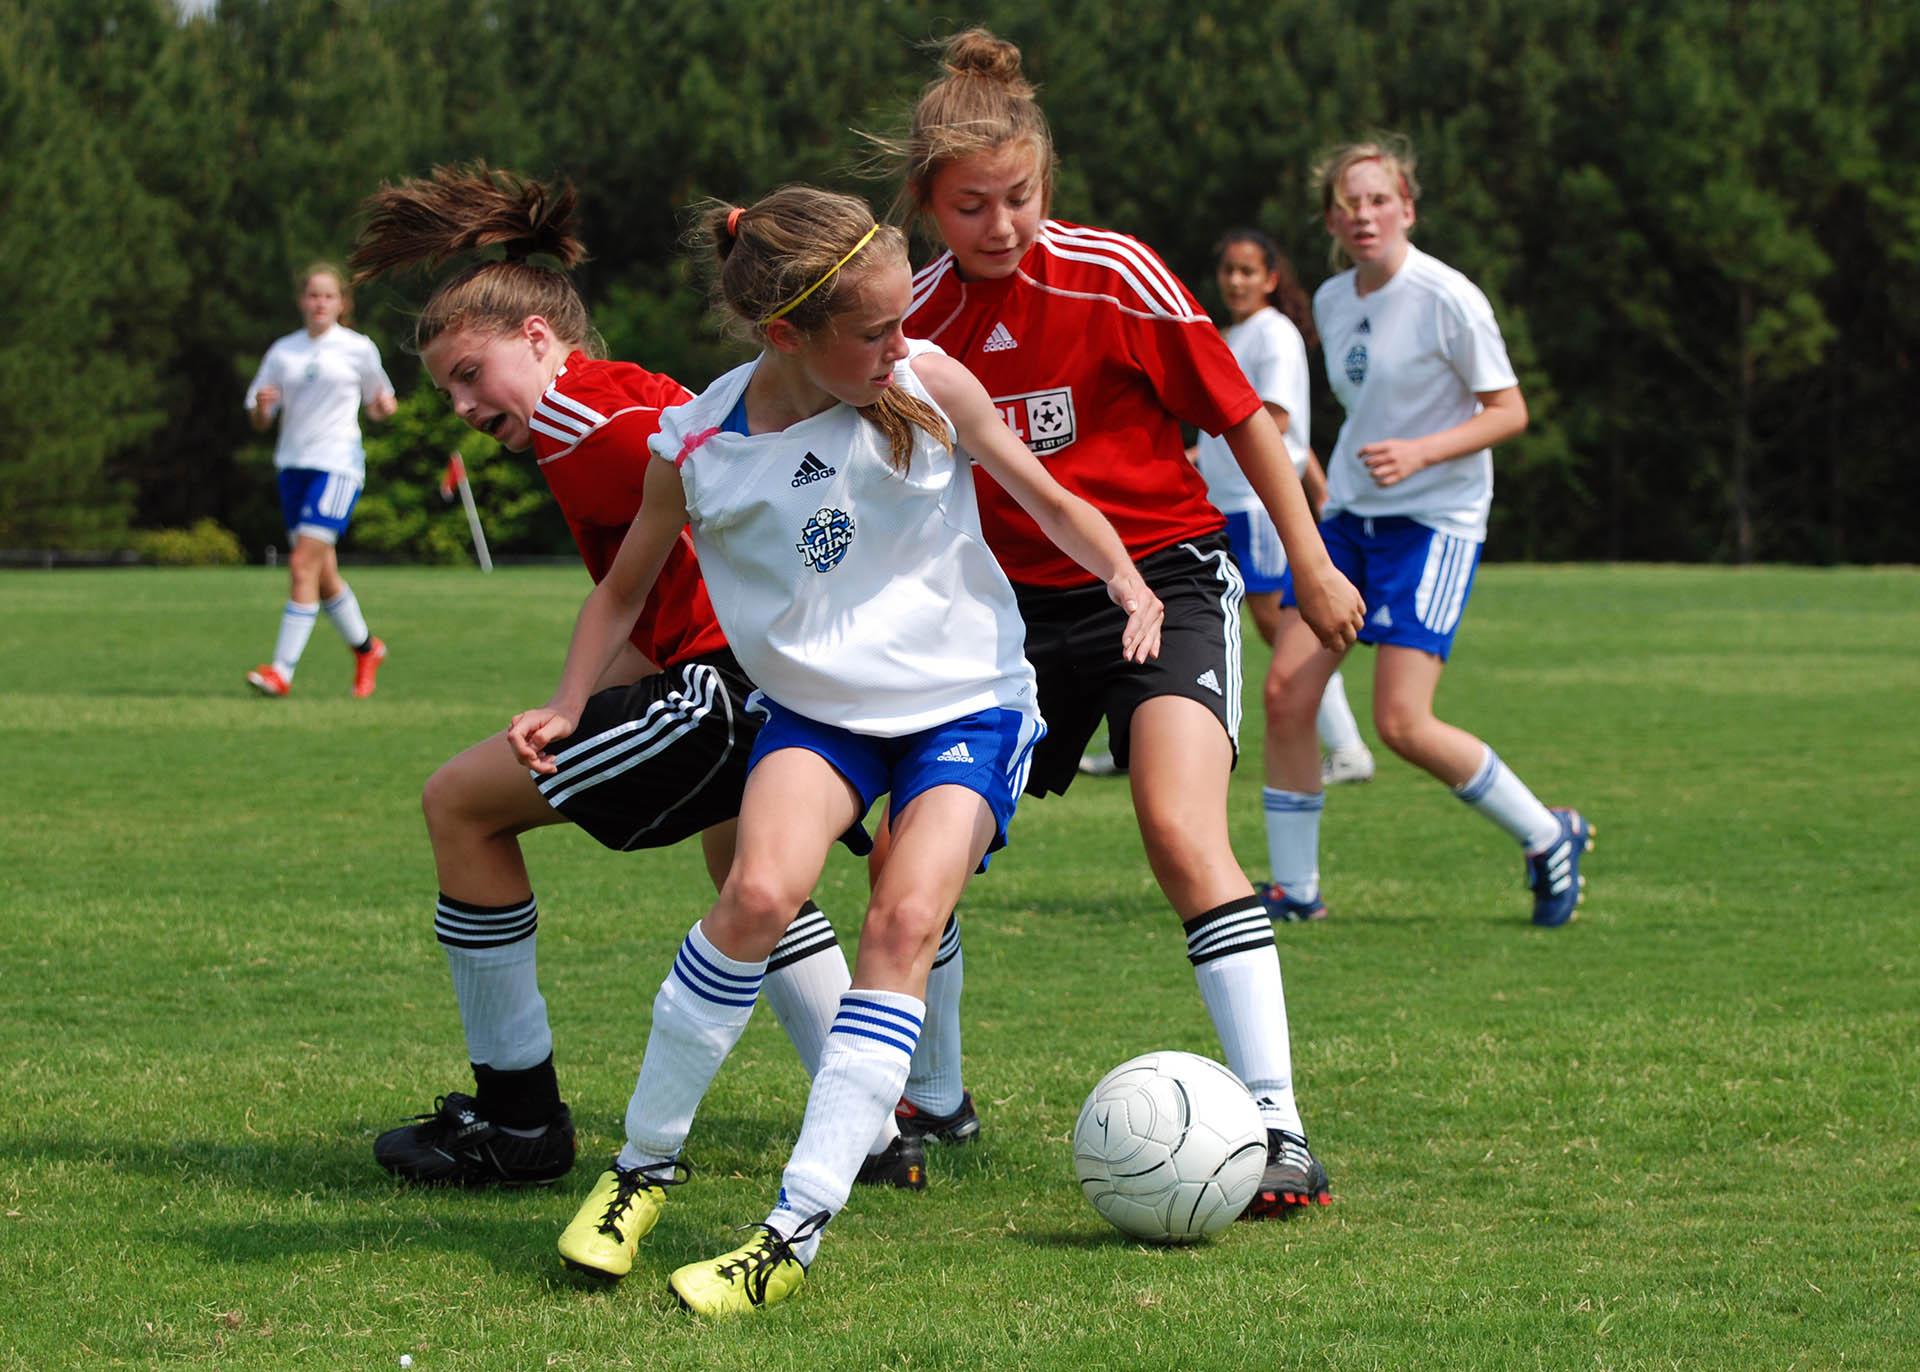 Girls Soccer, Youth Soccer